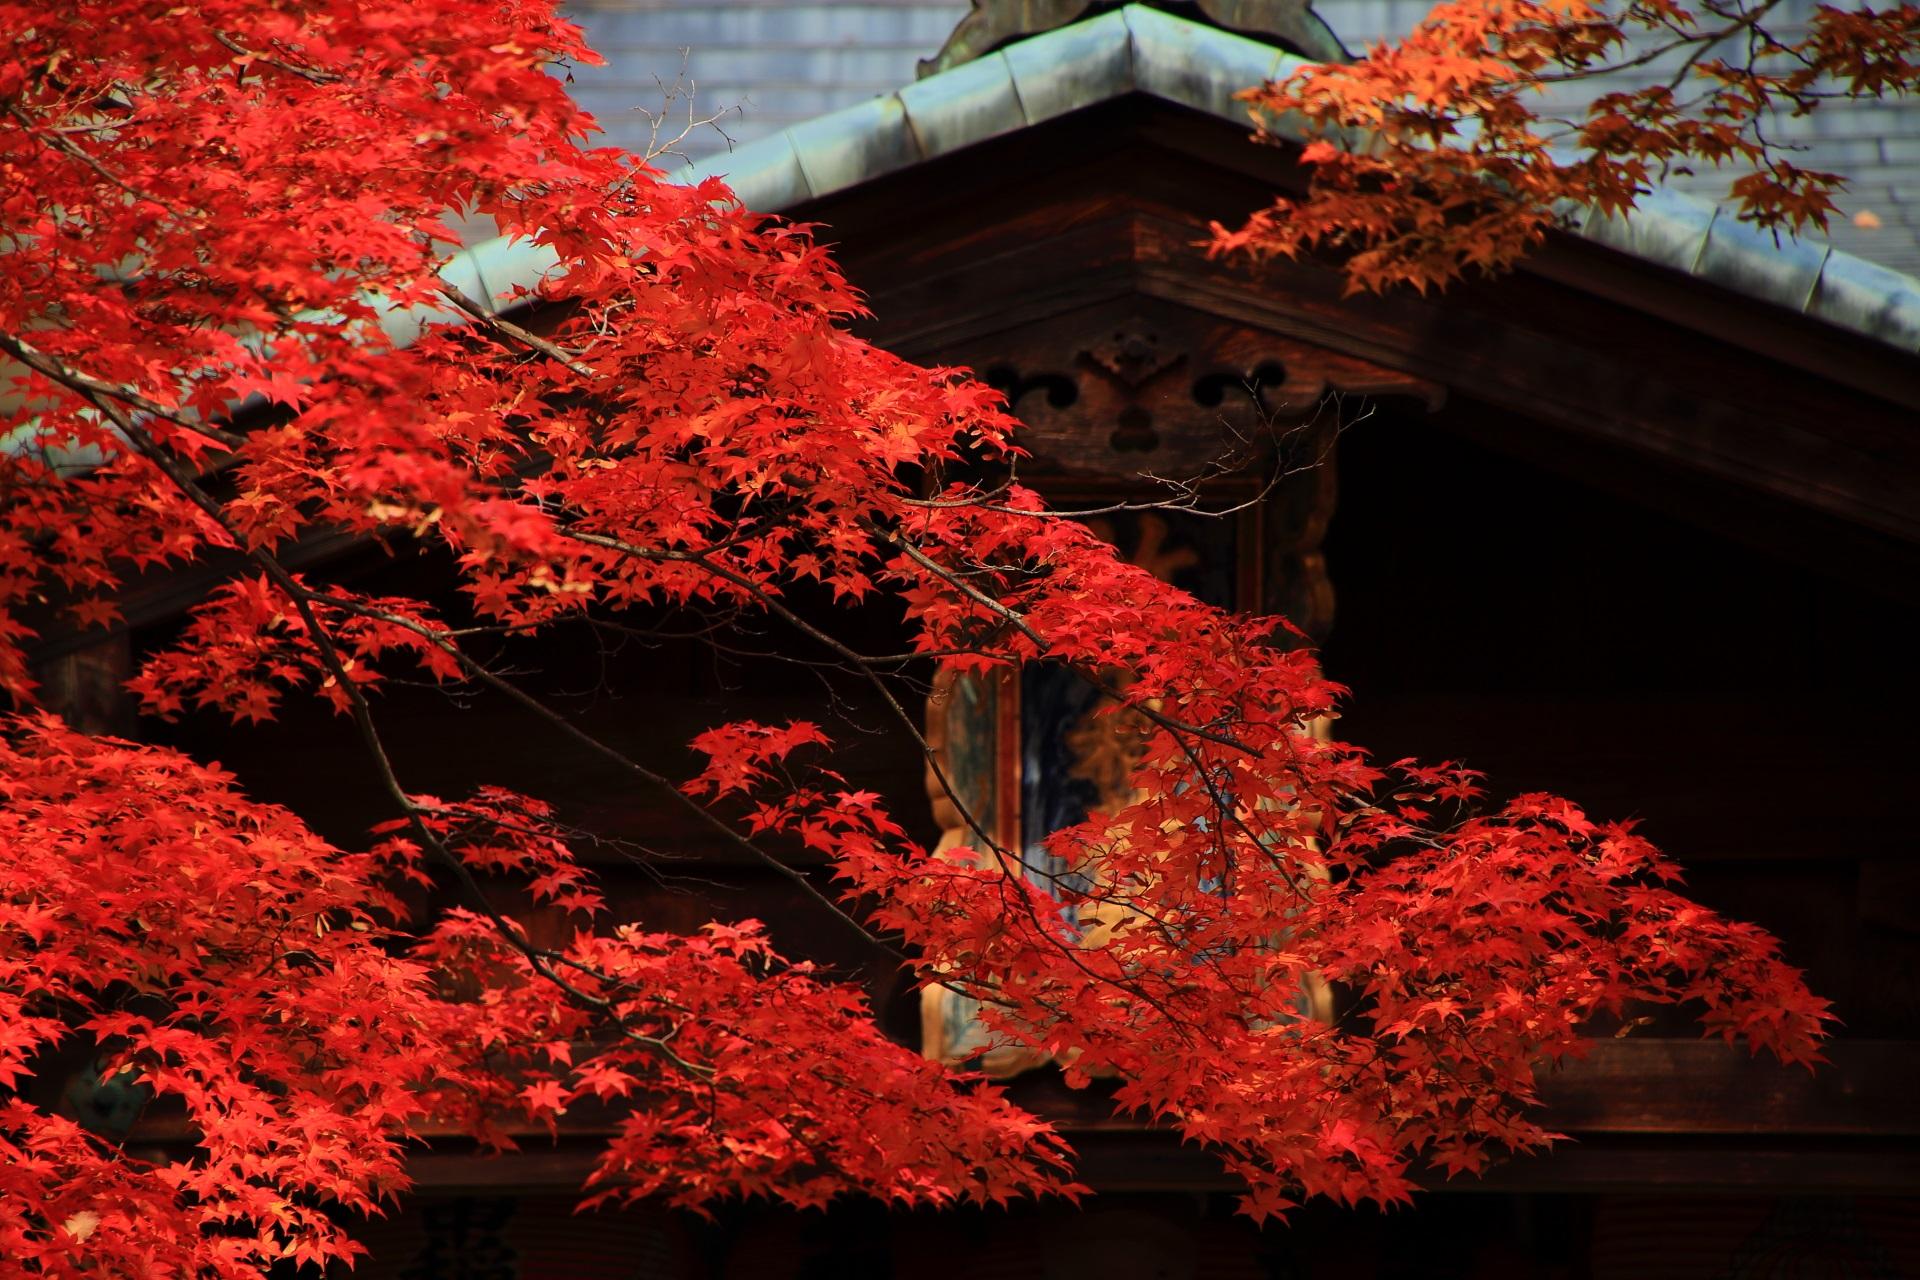 竹中稲荷神社の本殿を秋色に染める艶やかな紅葉